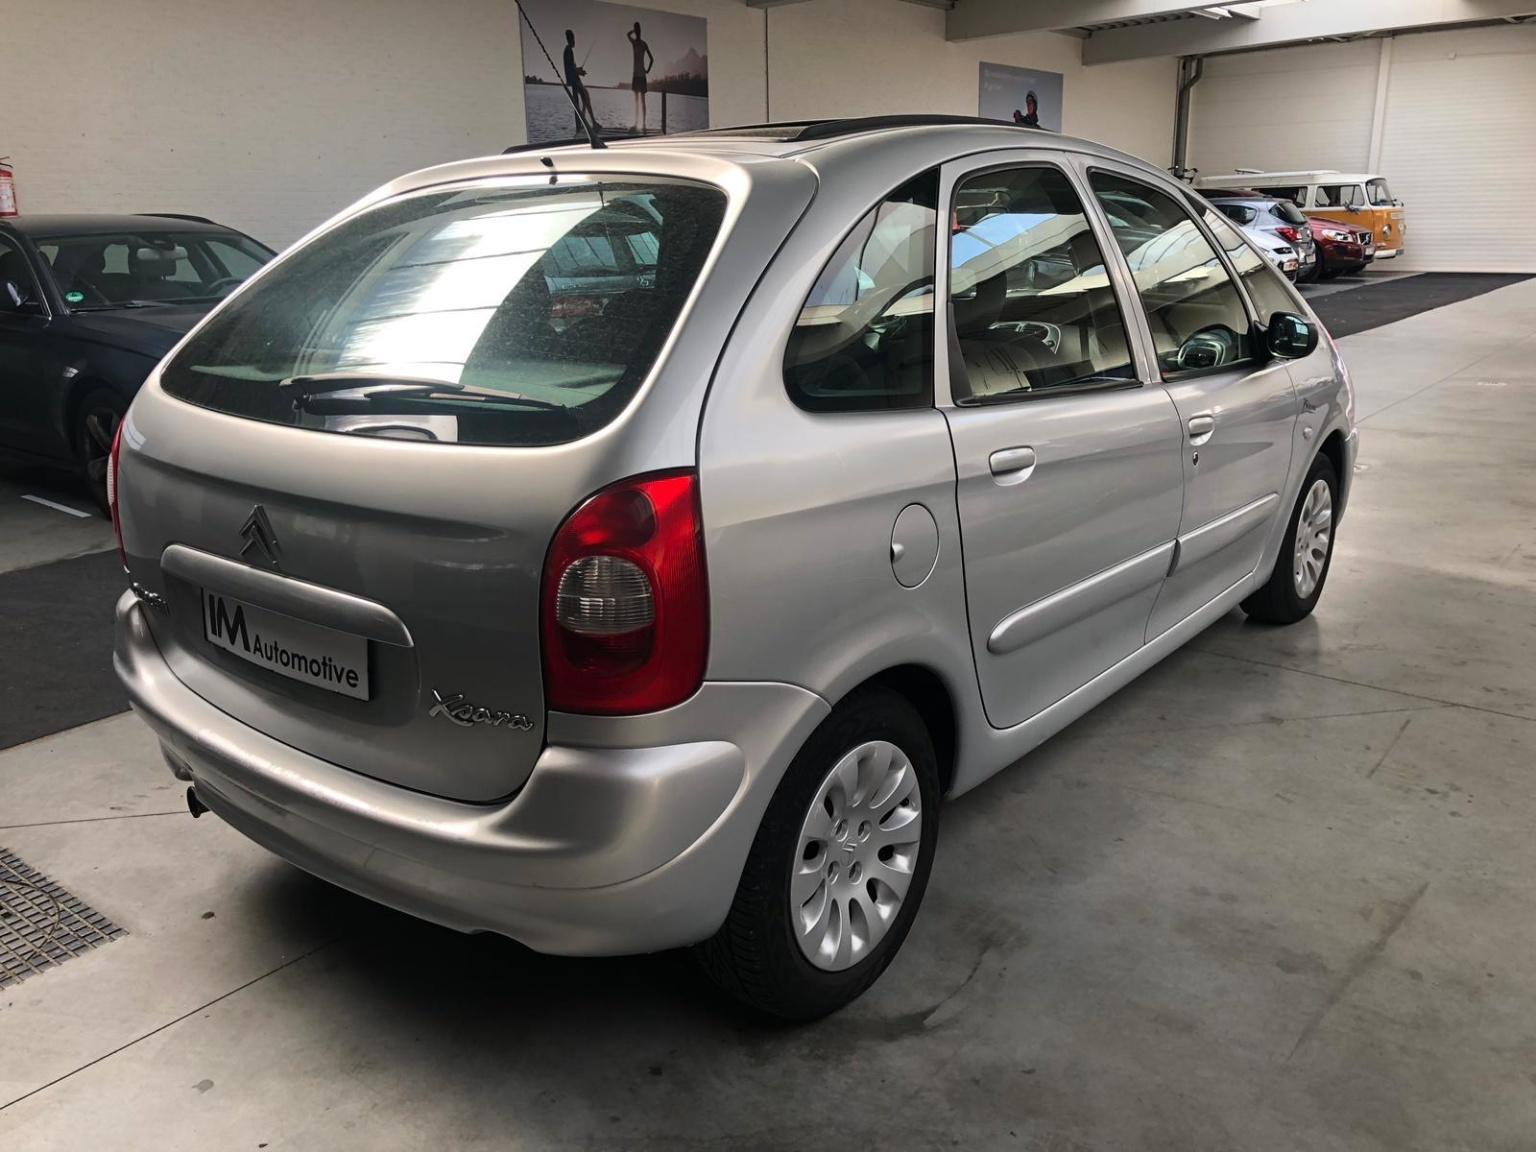 Citroën-Xsara Picasso-6